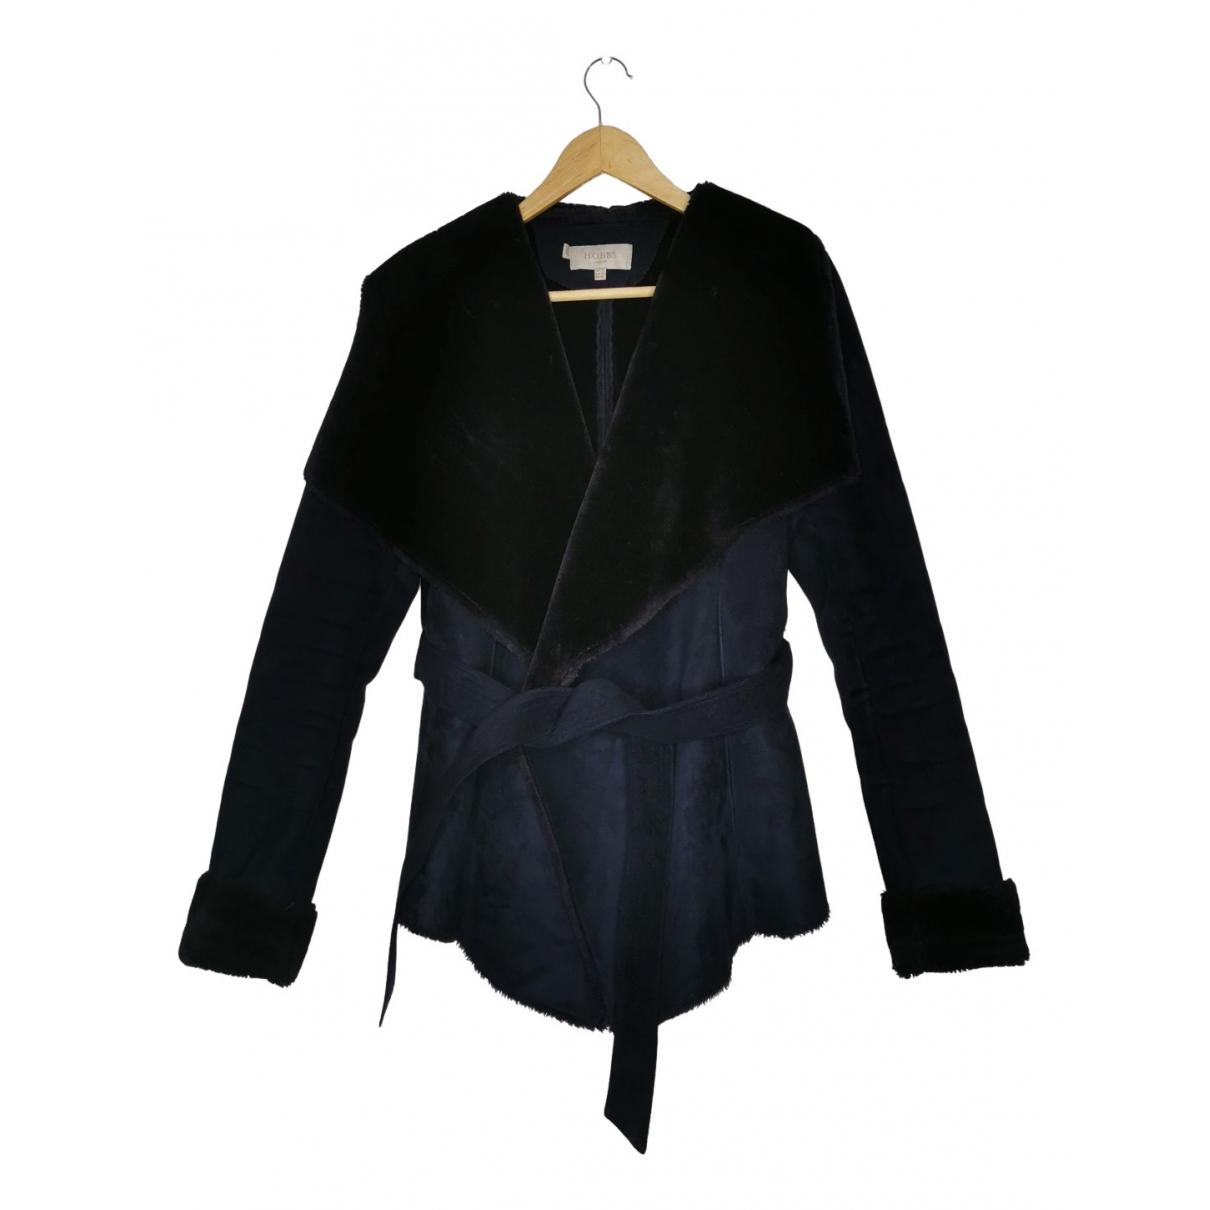 Hobbs - Manteau   pour femme en fourrure synthetique - marine